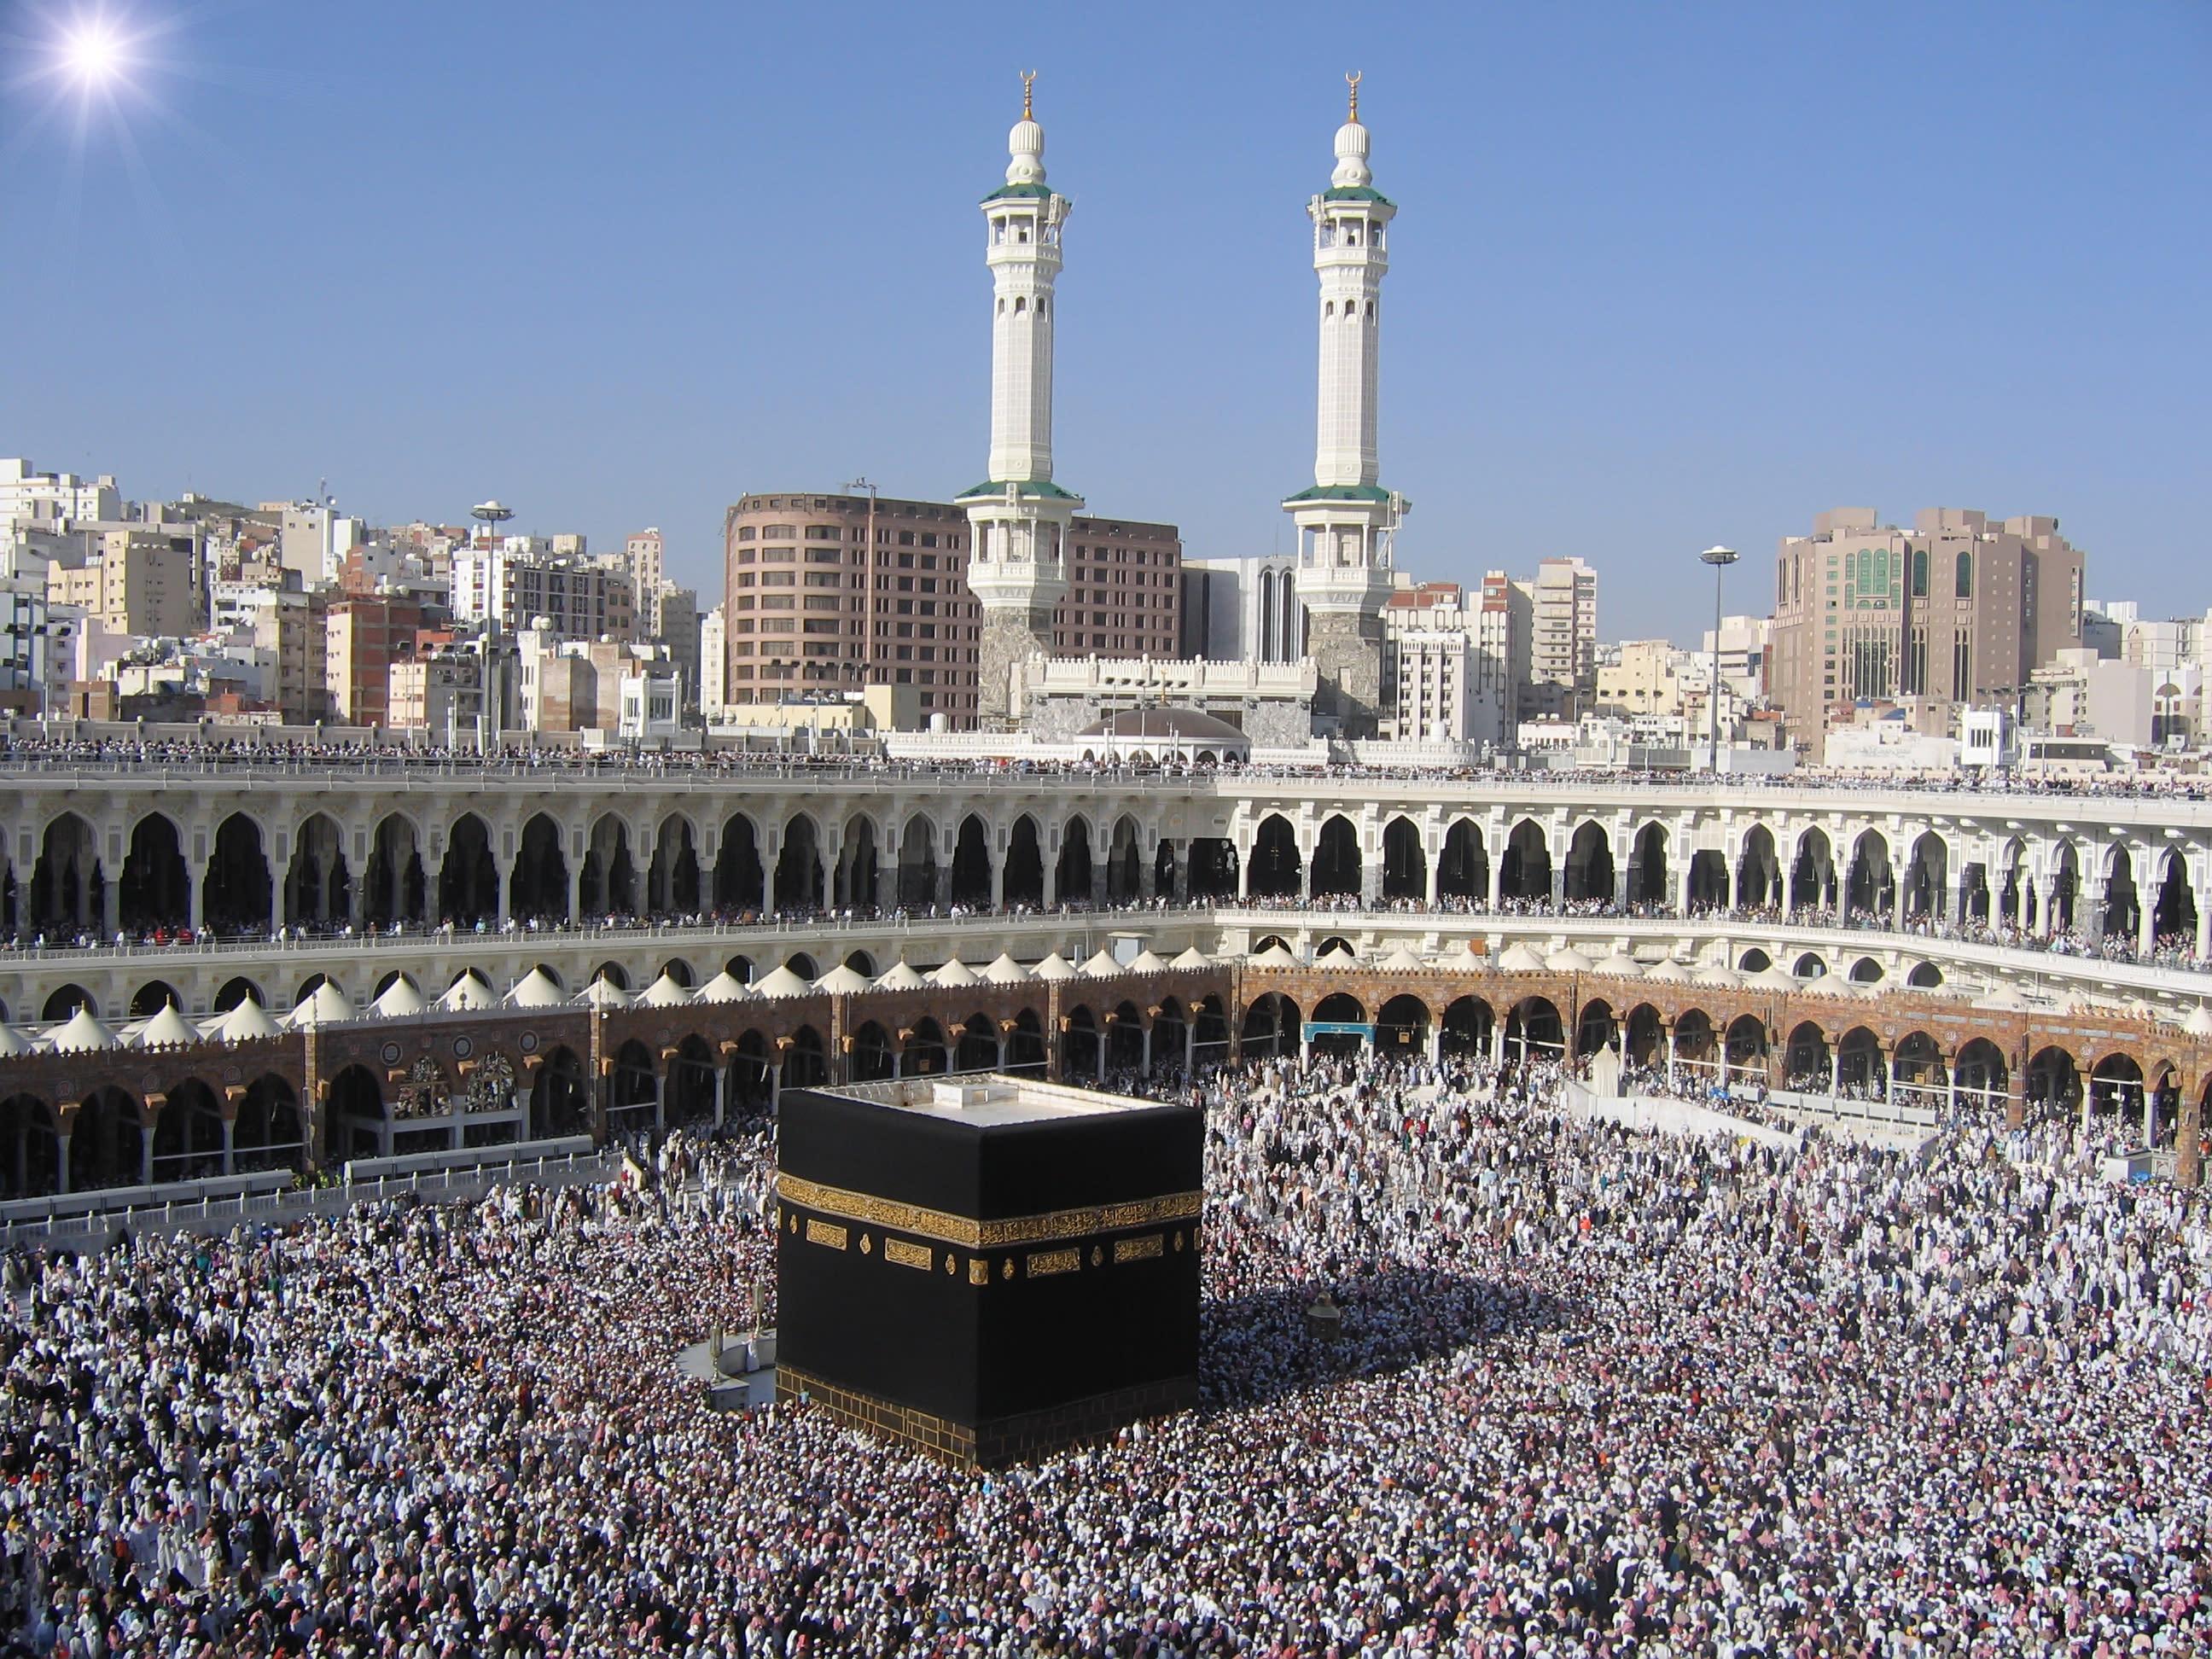 картинки мечеть кааба деревянный стеллаж